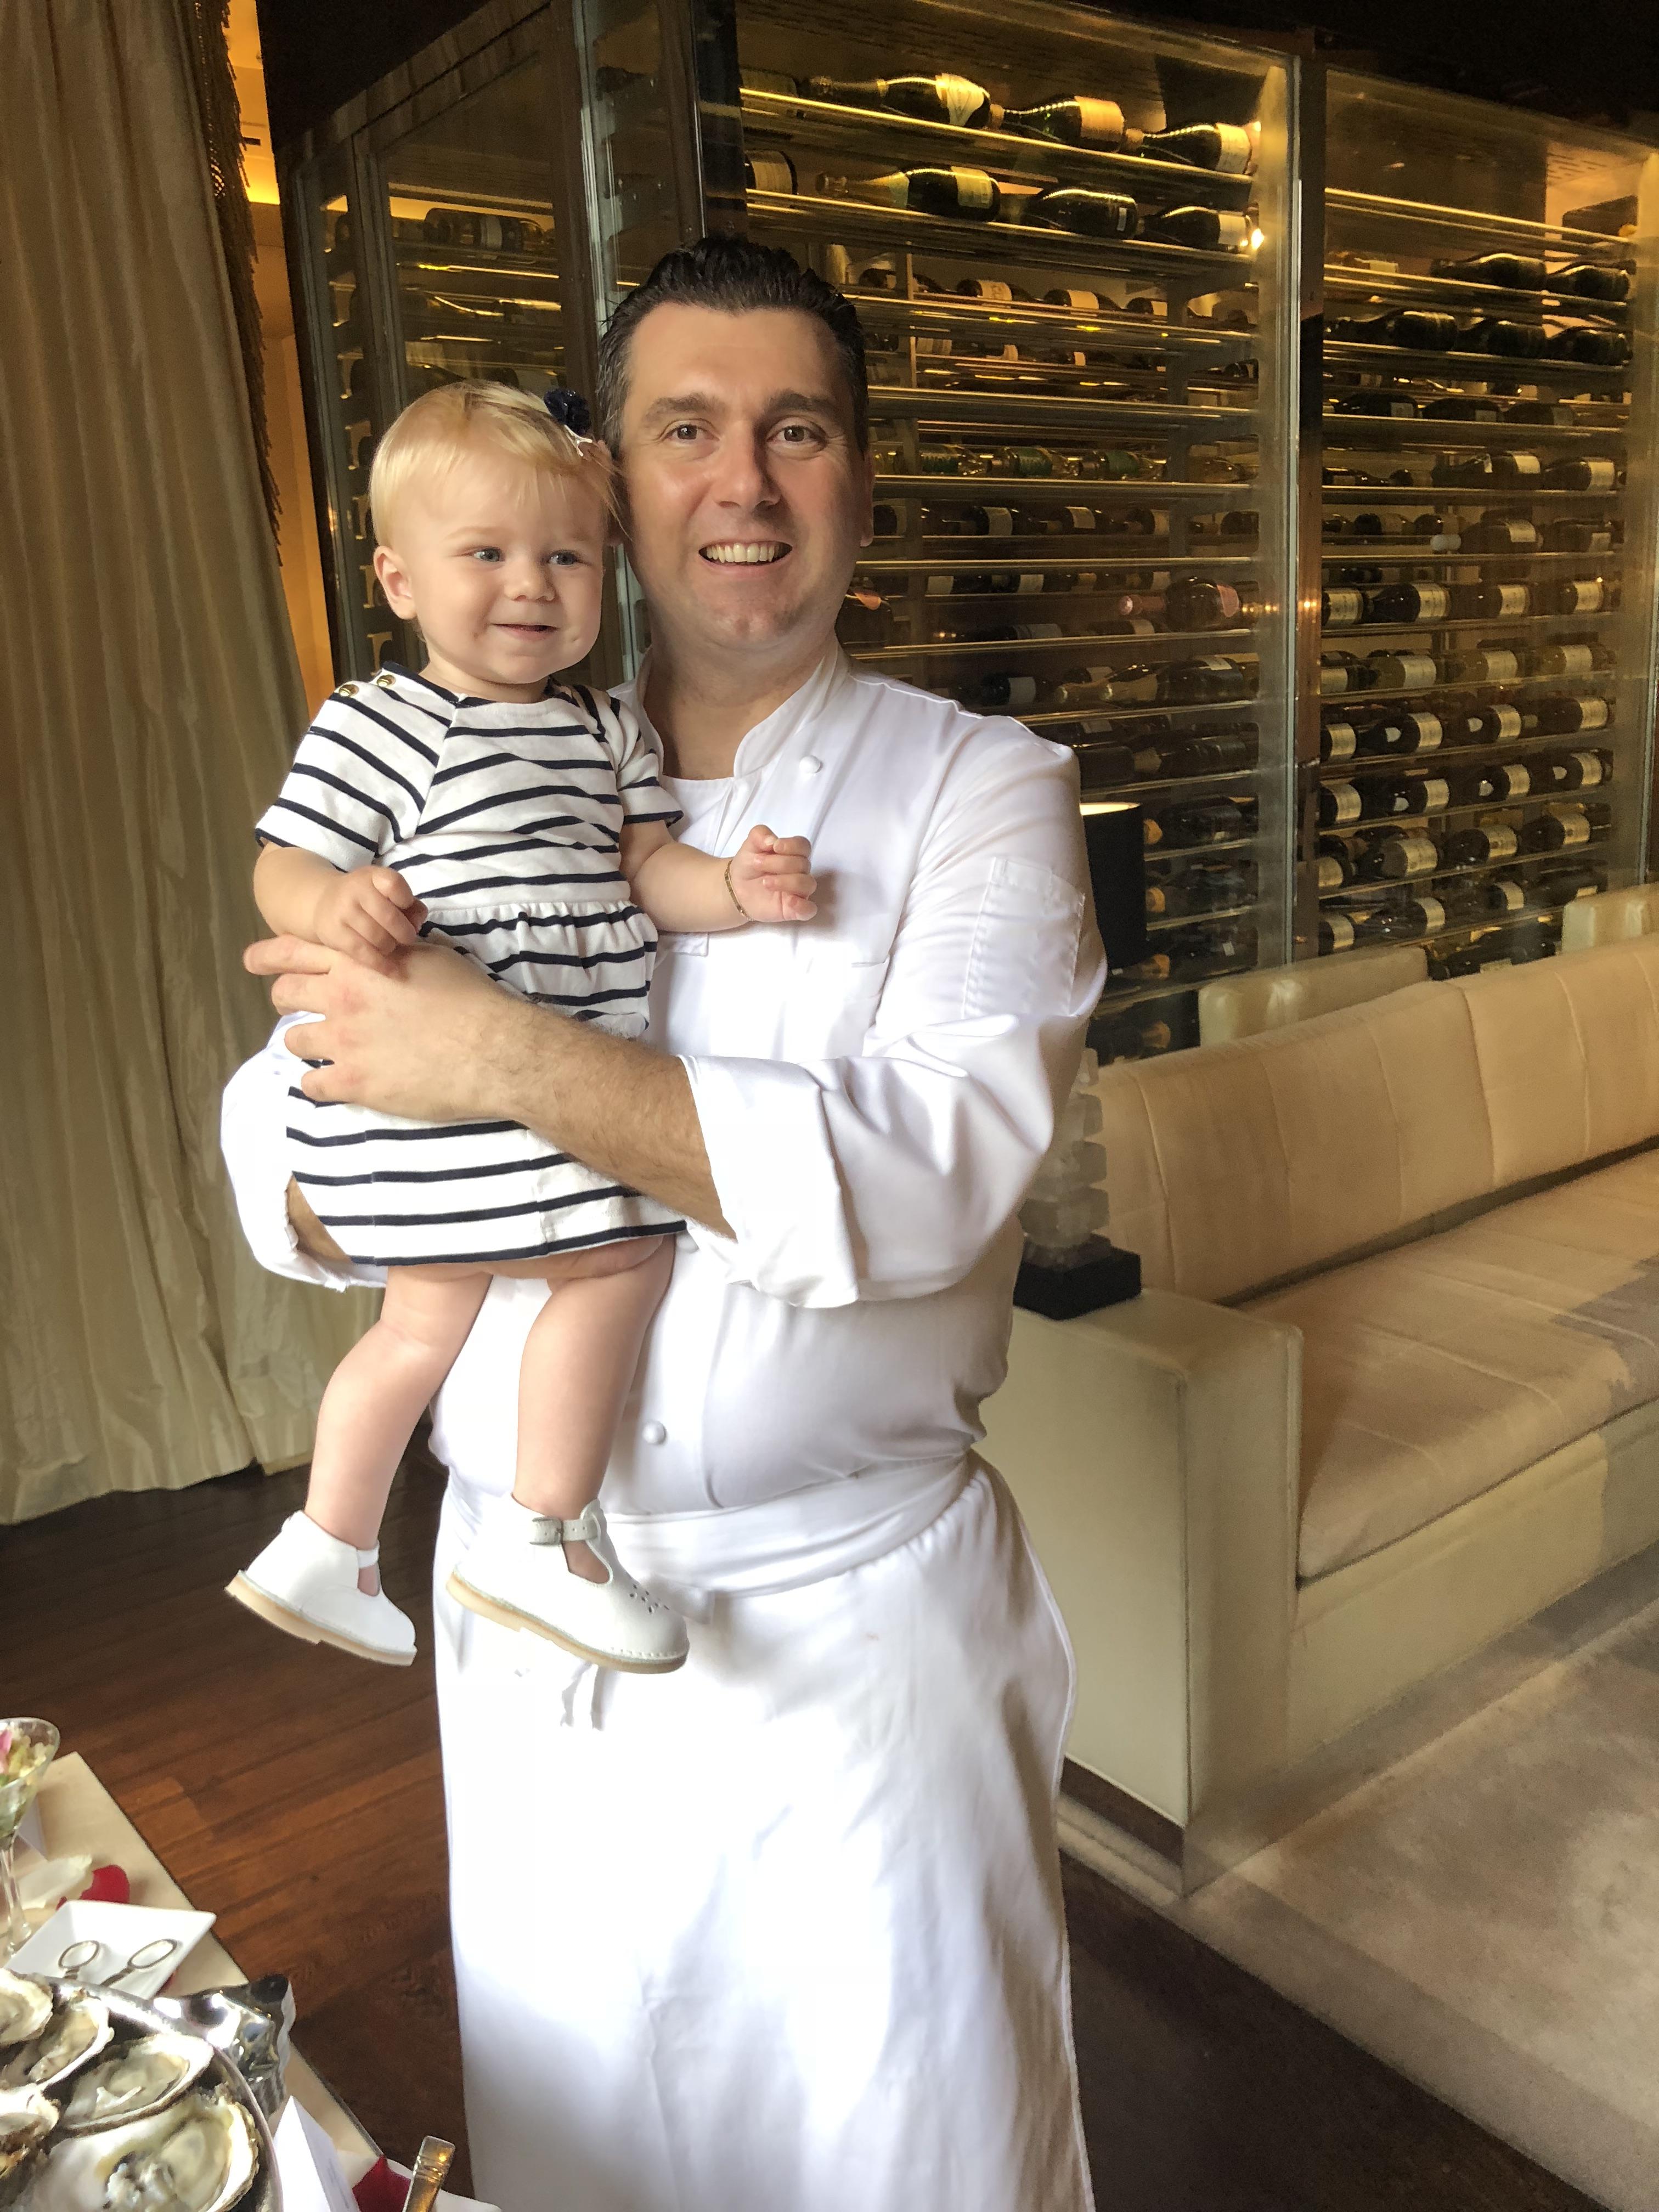 Le Chef and Valentina